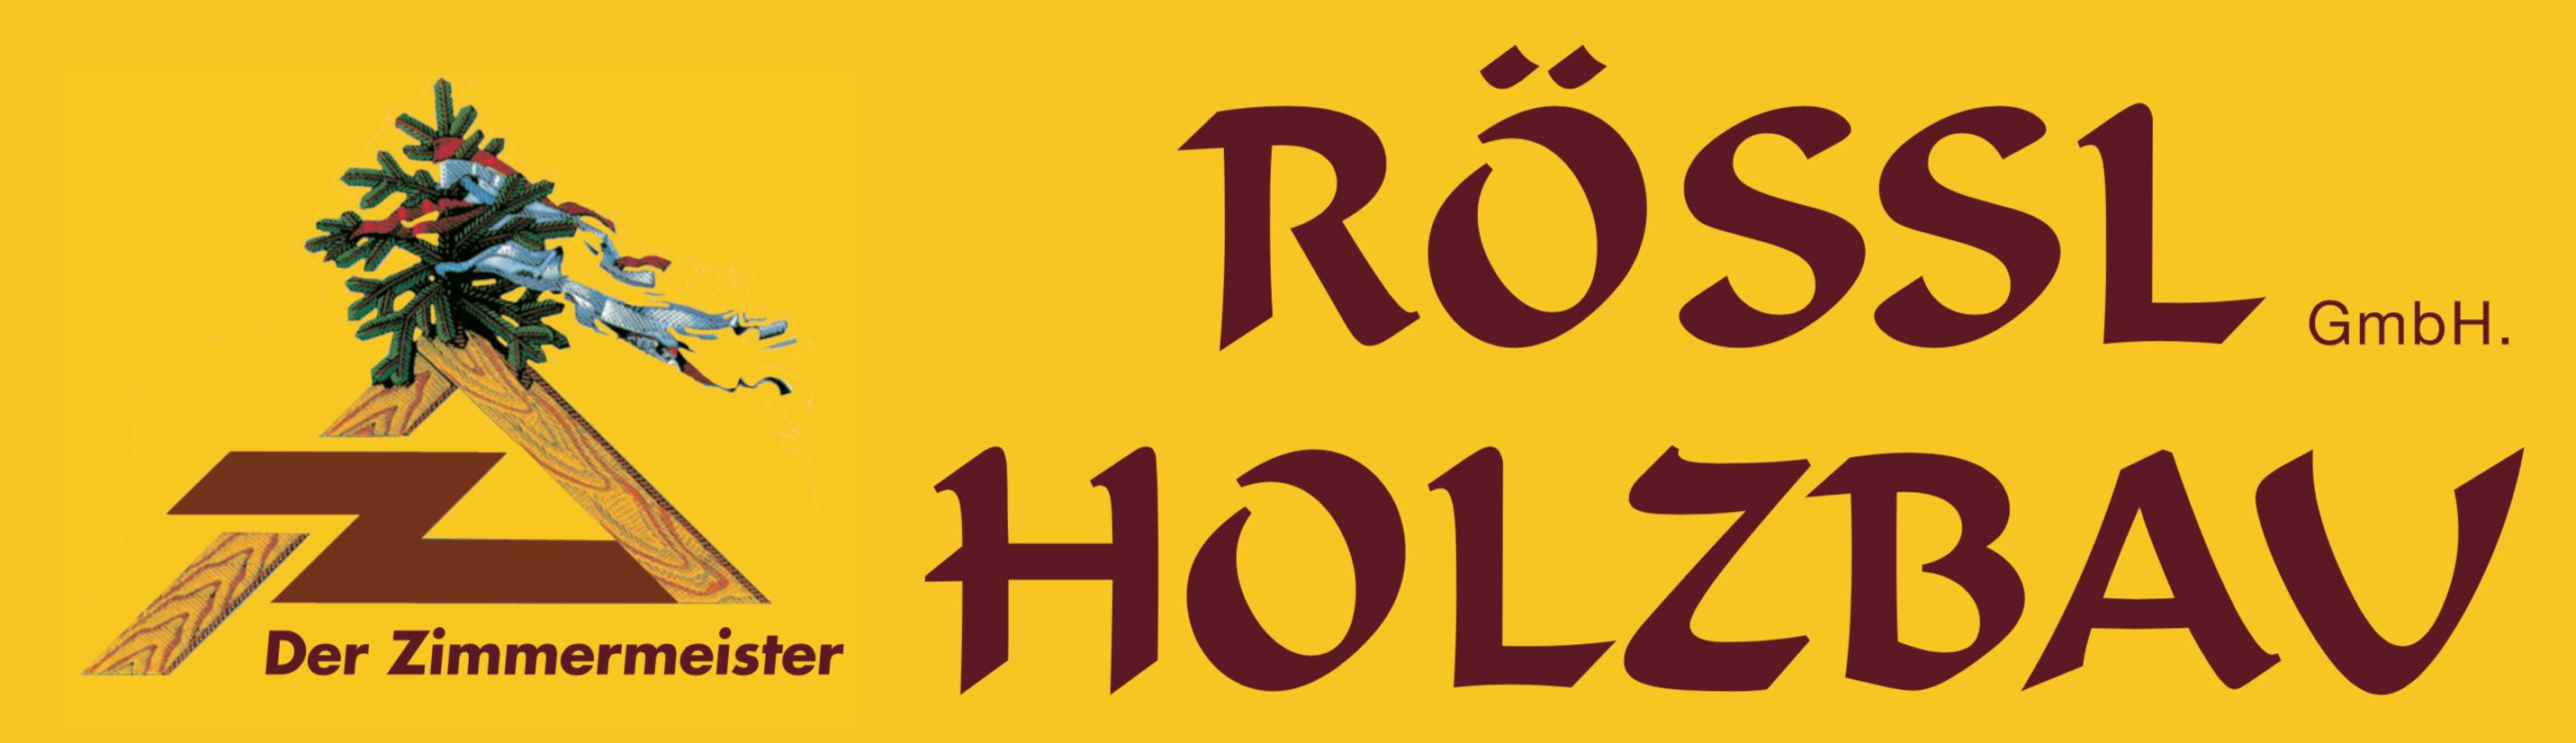 Rössl Holzbau GmbH - Holzbau & Zimmerei in der Steiermark | Ihr Meisterbetrieb in den Bereichen Balkone, Blockholzbauten, Carport, Dachstühle, Holzverkleidungen, Innenausbauten, Riegelbauweise, Sanierungen, Stiegen, Wintergärten und Sonderkonstruktionen aus Voitsberg in der Steiermark.